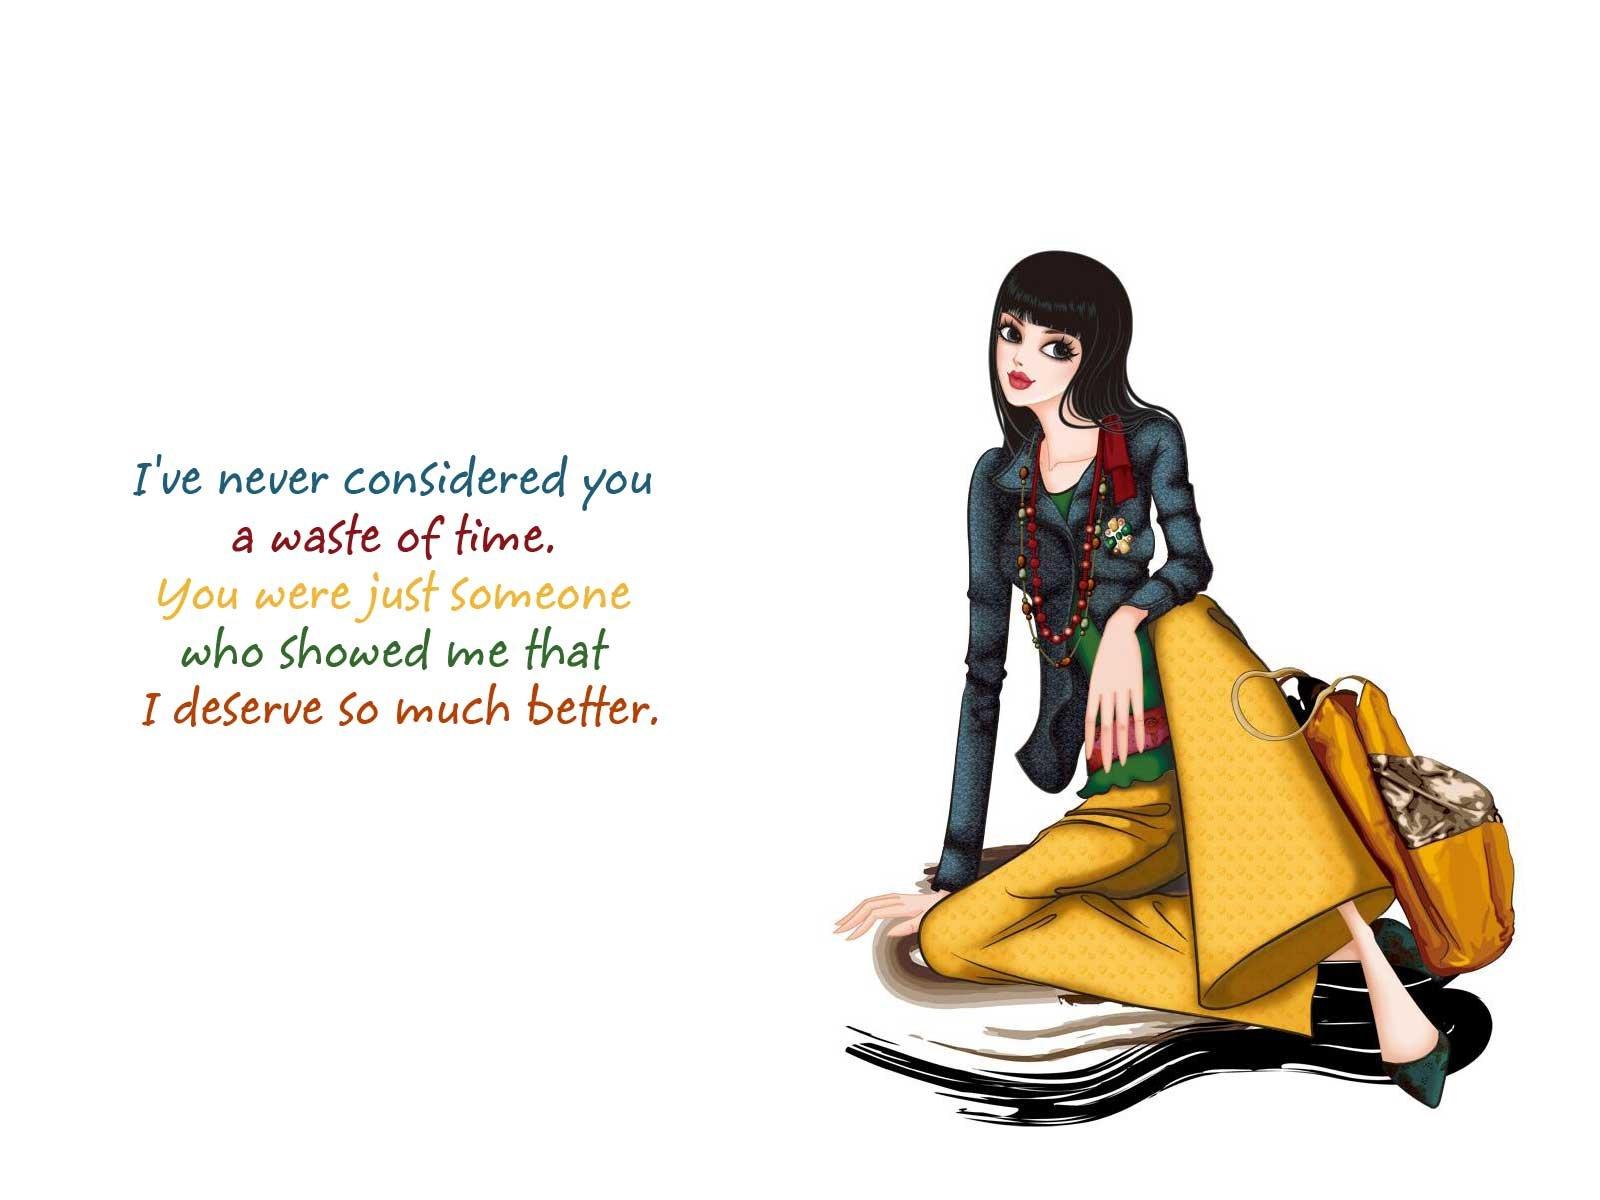 Attitude Qoute mood love sad girl cartoon bokeh wallpaper 1600x1200 324610 WallpaperUP